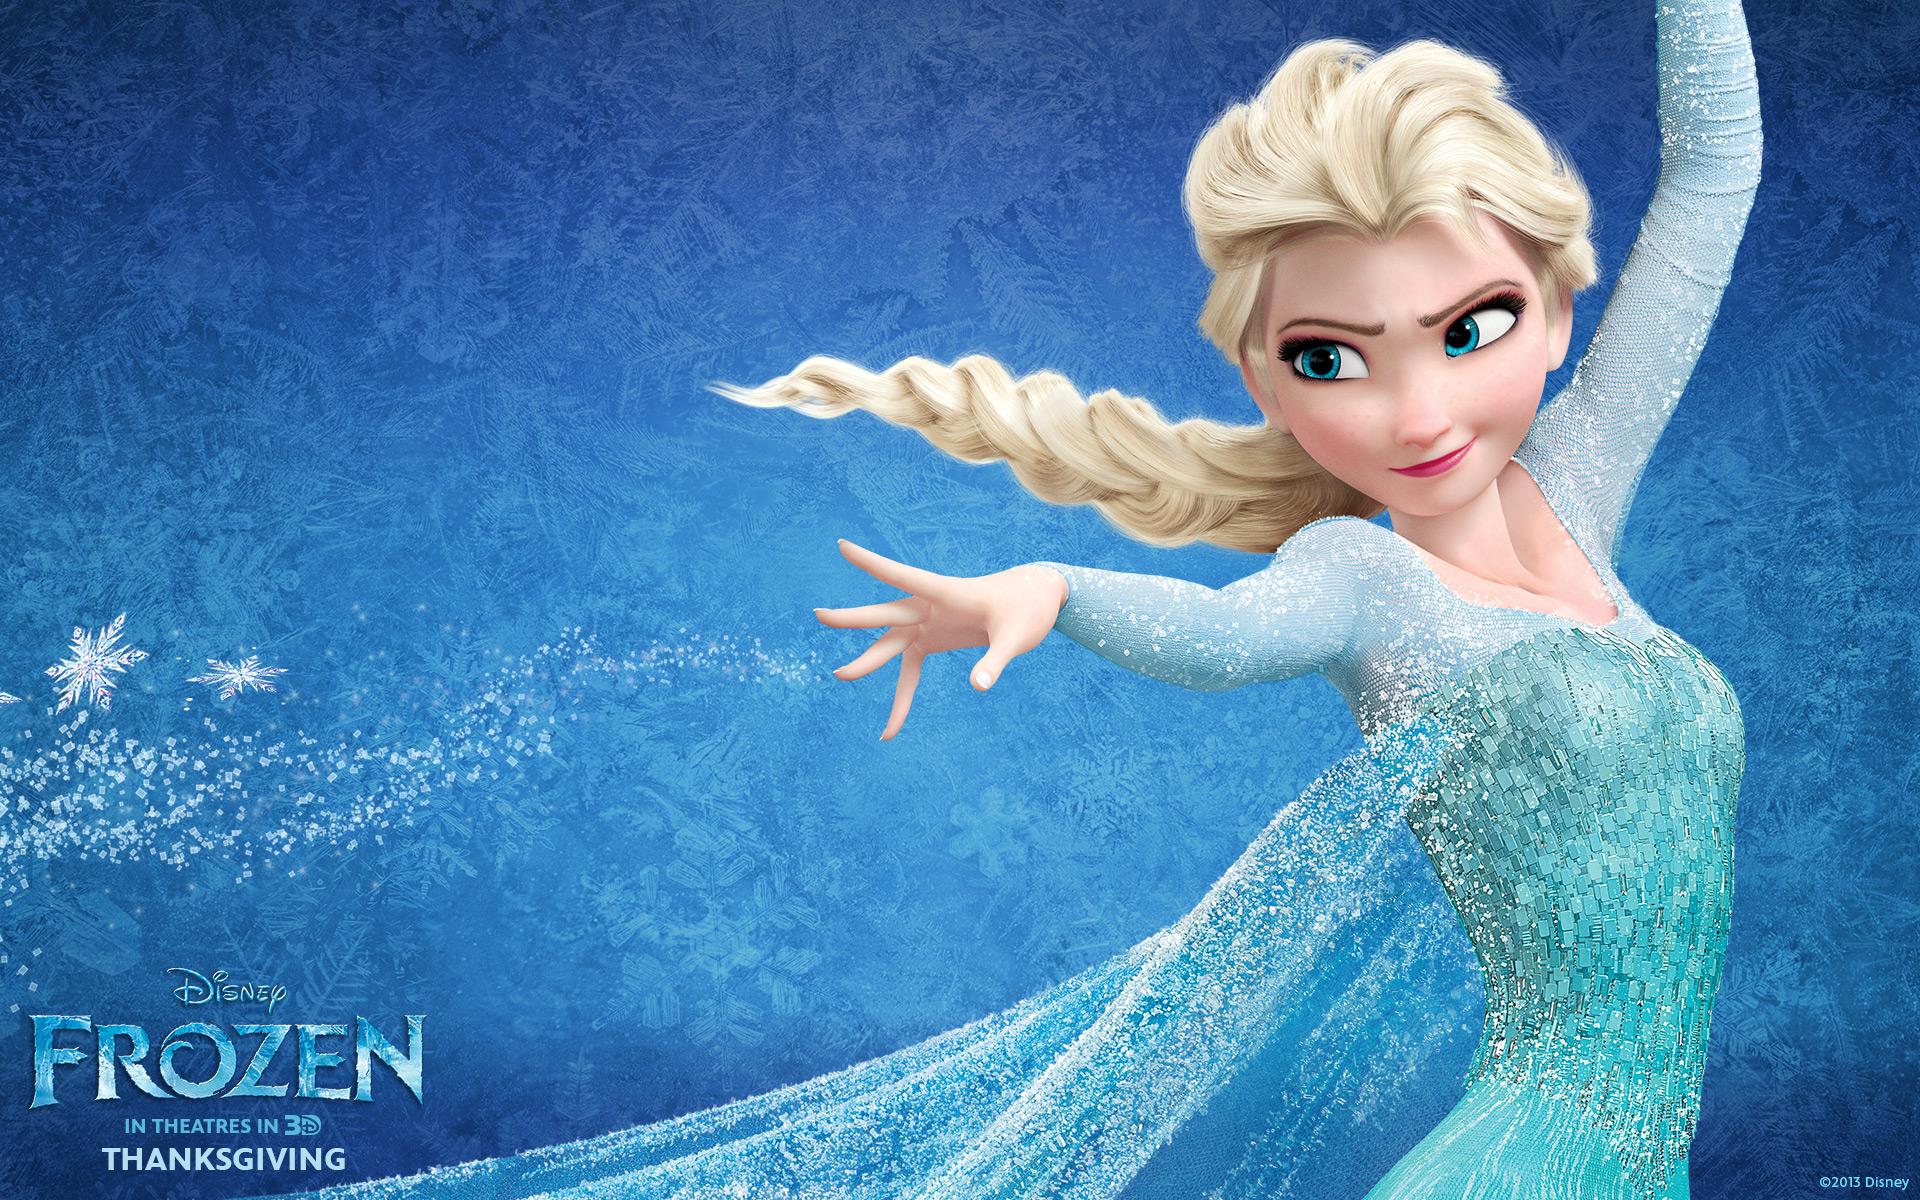 frozen movie free online no download